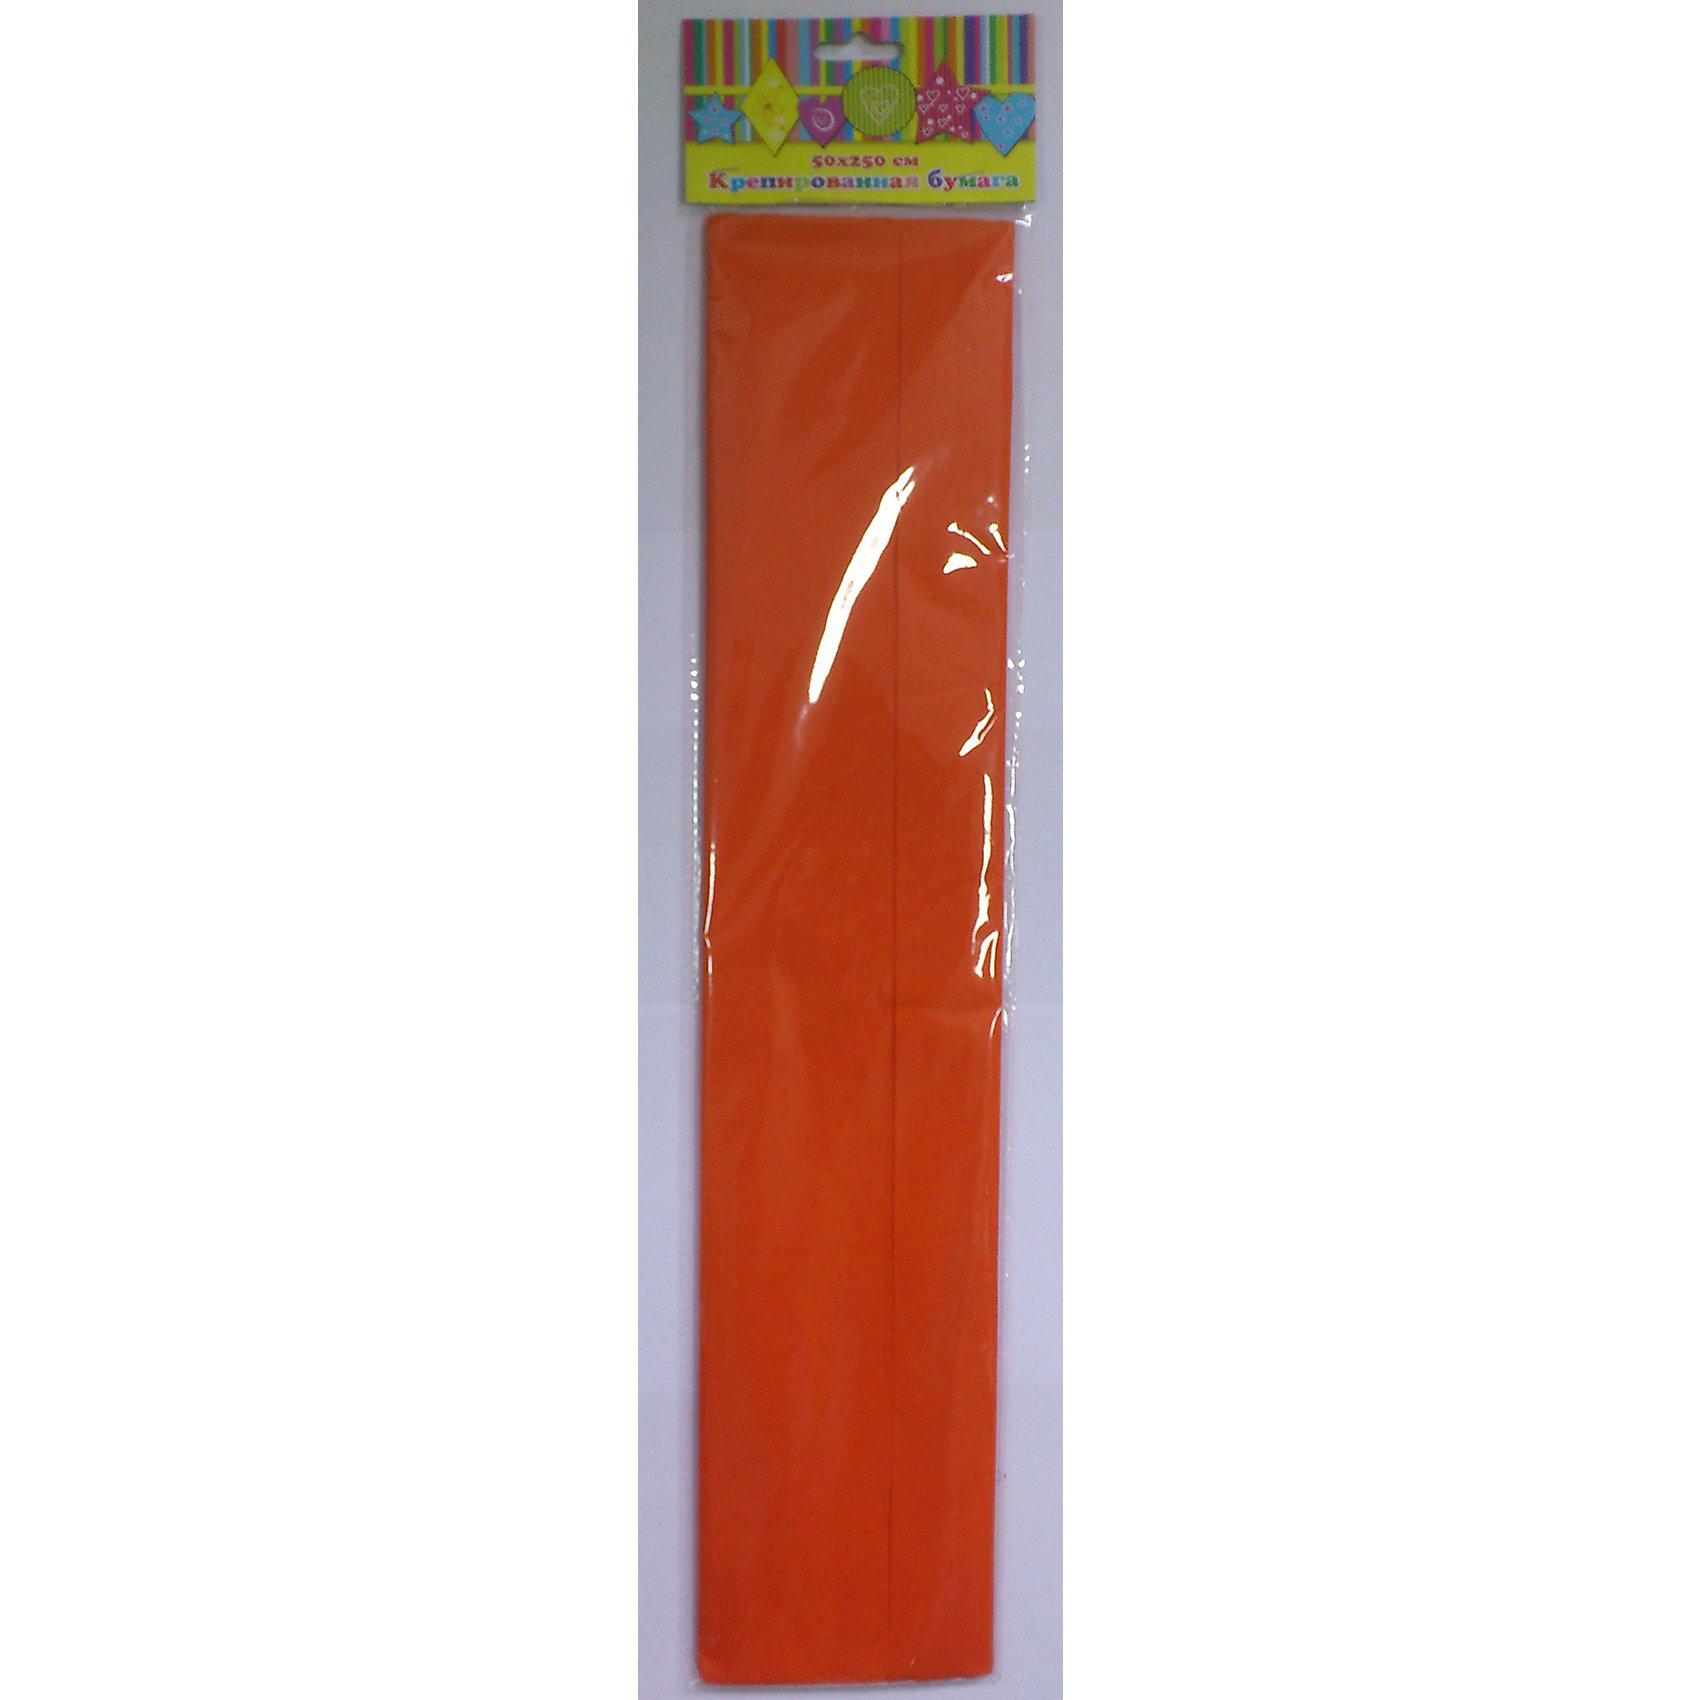 Бумага оранжевая крепированнаяИзумительная крепированная бумага оранжевого цвета, из нее Ваш малыш сможет сделать множество ярких цветов или другие поделки.<br><br>Дополнительная информация:<br><br>- Возраст: от 3 лет.<br>- 1 лист.<br>- Цвет: оранжевый.<br>- Материал: бумага.<br>- Размеры: 50х250 см.<br>- Размер упаковки: 51х11х0,2 см.<br>- Вес в упаковке: 30 г. <br><br>Купить крепированную бумагу в оранжевом цвете, можно в нашем магазине.<br><br>Ширина мм: 510<br>Глубина мм: 110<br>Высота мм: 2<br>Вес г: 30<br>Возраст от месяцев: 36<br>Возраст до месяцев: 2147483647<br>Пол: Унисекс<br>Возраст: Детский<br>SKU: 4943631